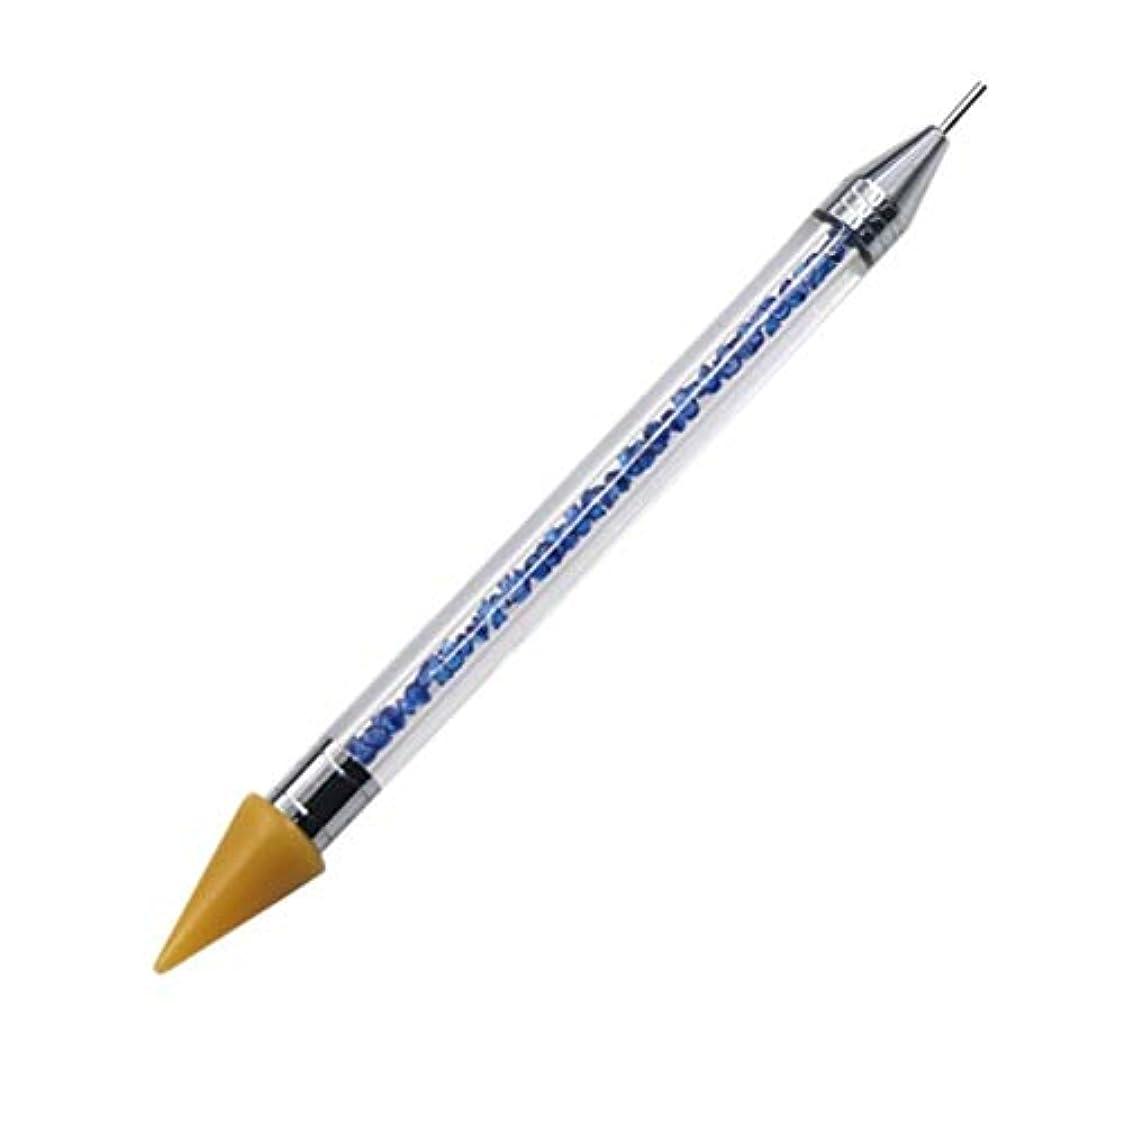 簡単にミリメートル凍ったネイルペン DIY デュアルエンド 絵画ツール ペン ネイル筆 ネイルアートペン ネイルアートブラシ マニキュアツールキット ネイルツール ネイル用品 ラインストーンピッカー点在ペン マニキュアネイルアート DIY 装飾ツール